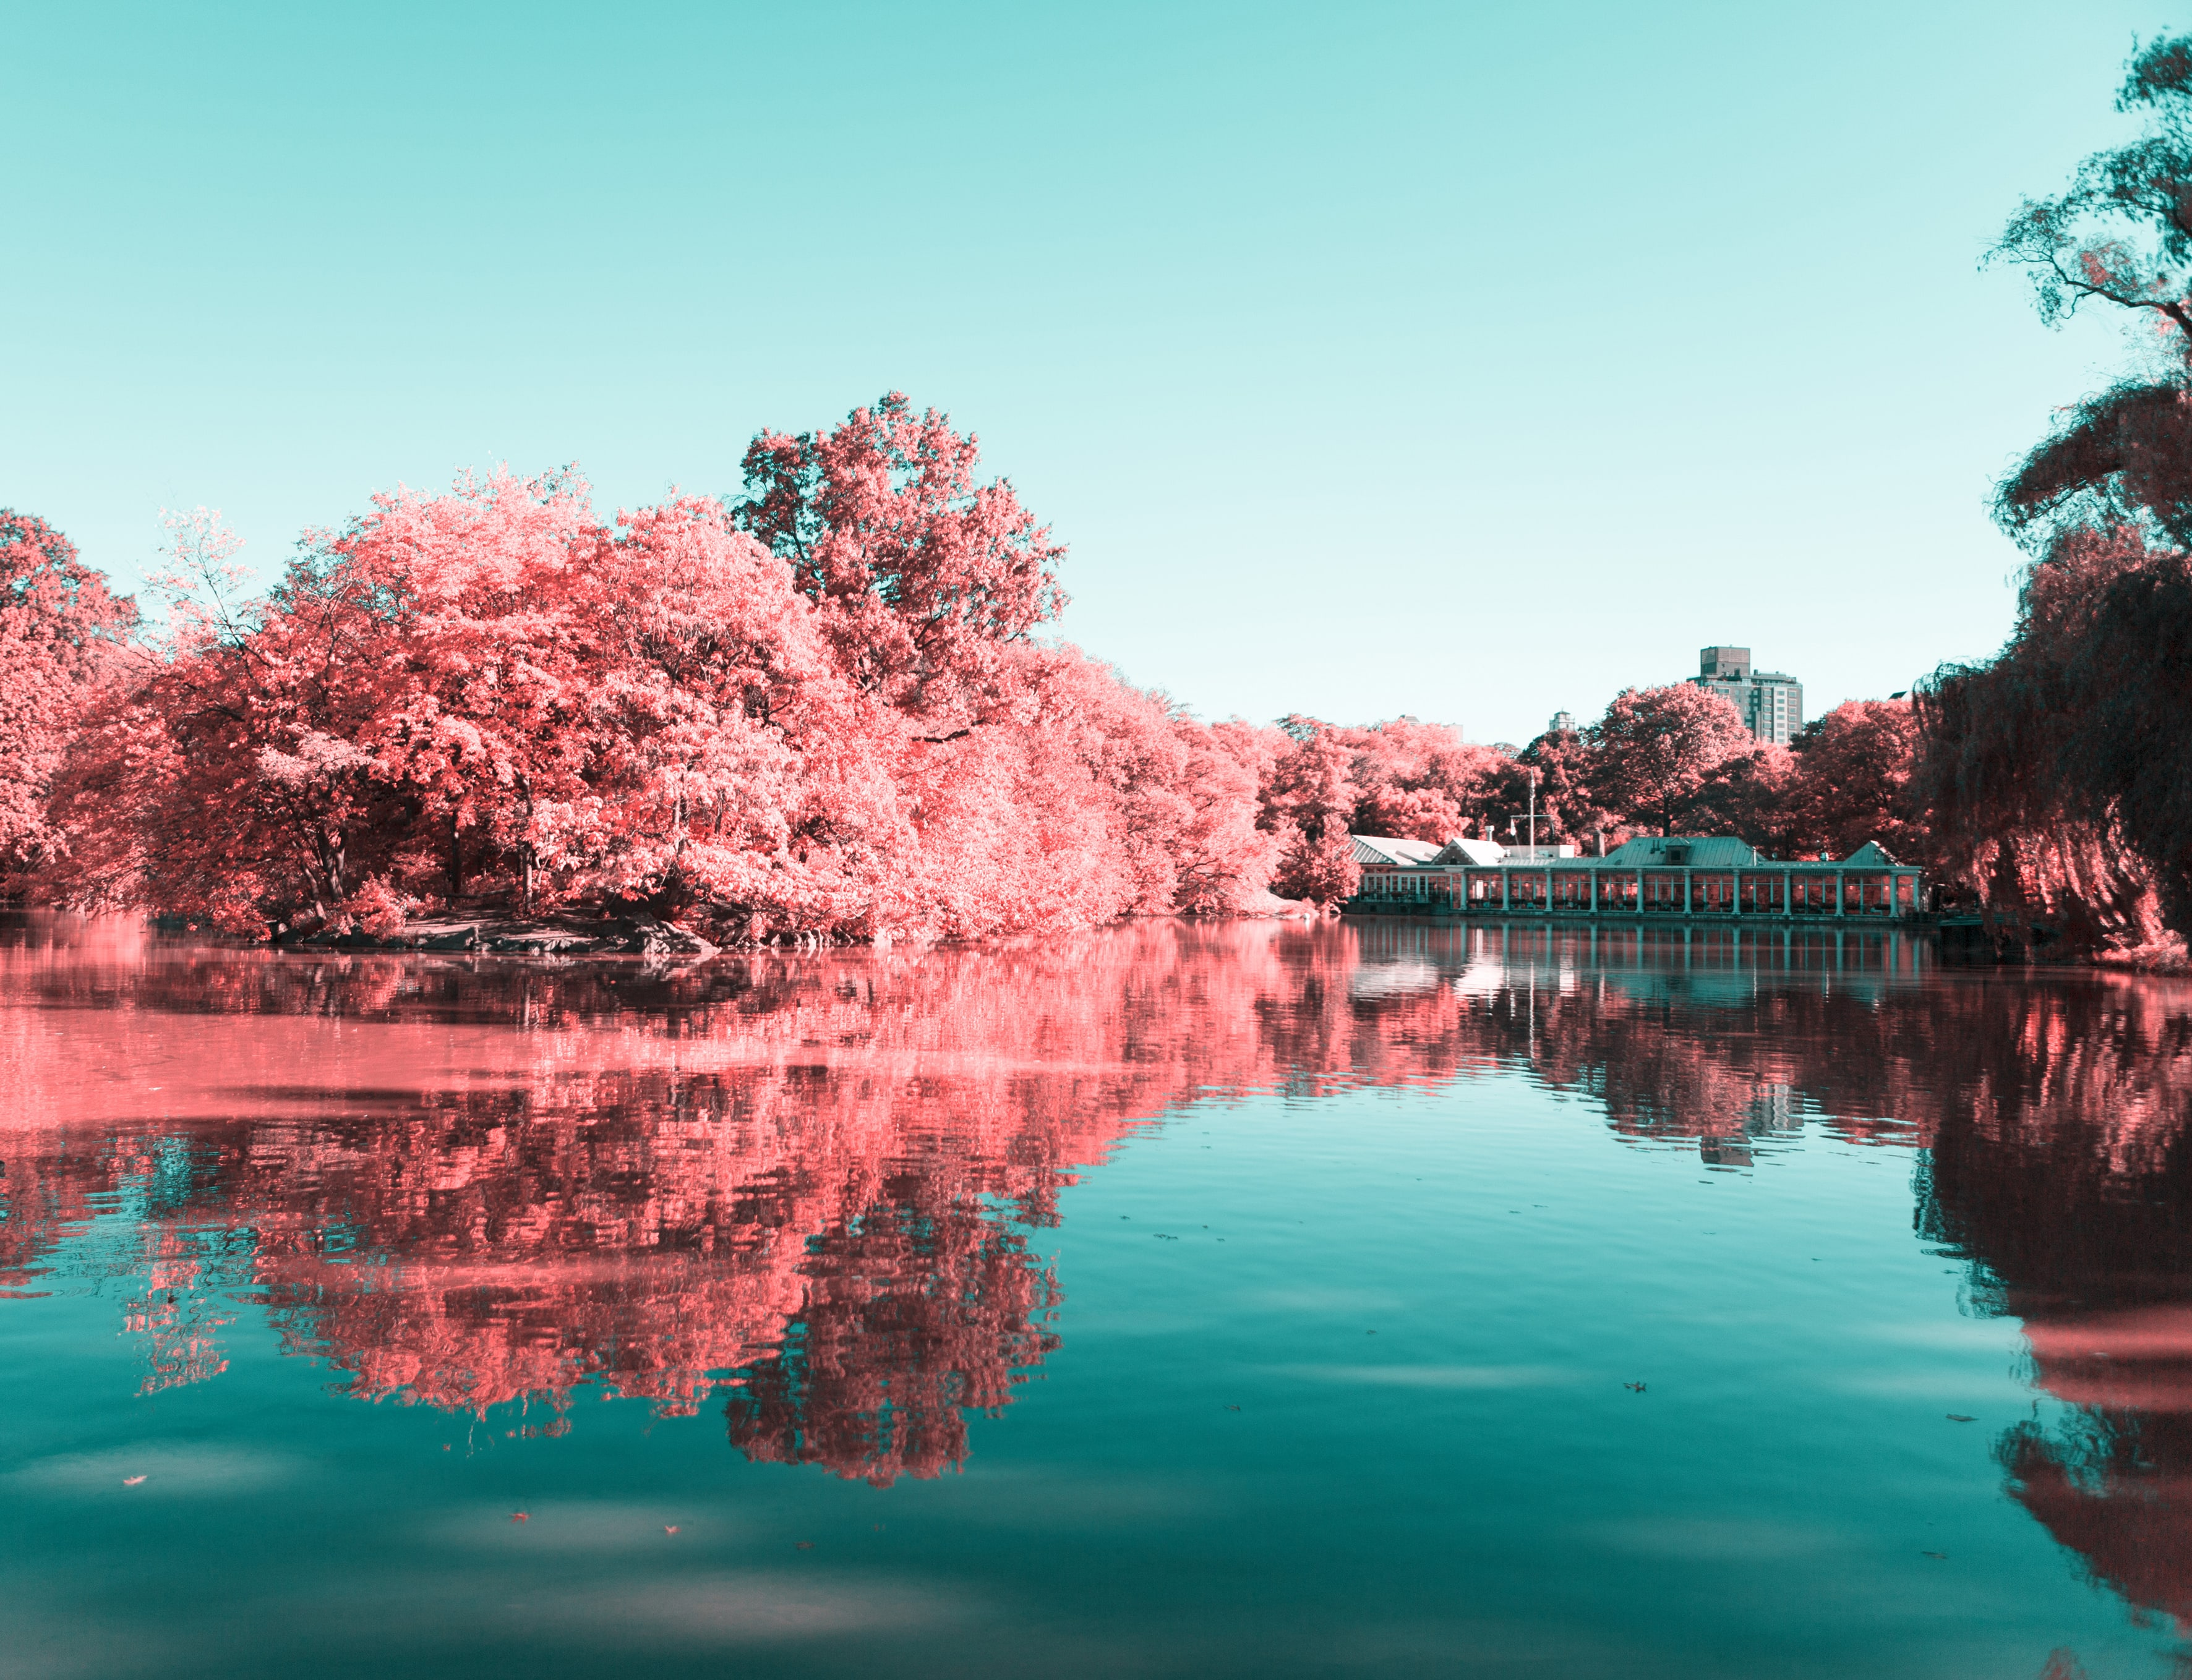 La New York ad infrarossi del fotografo Paolo Pettigiani | Collater.al 6